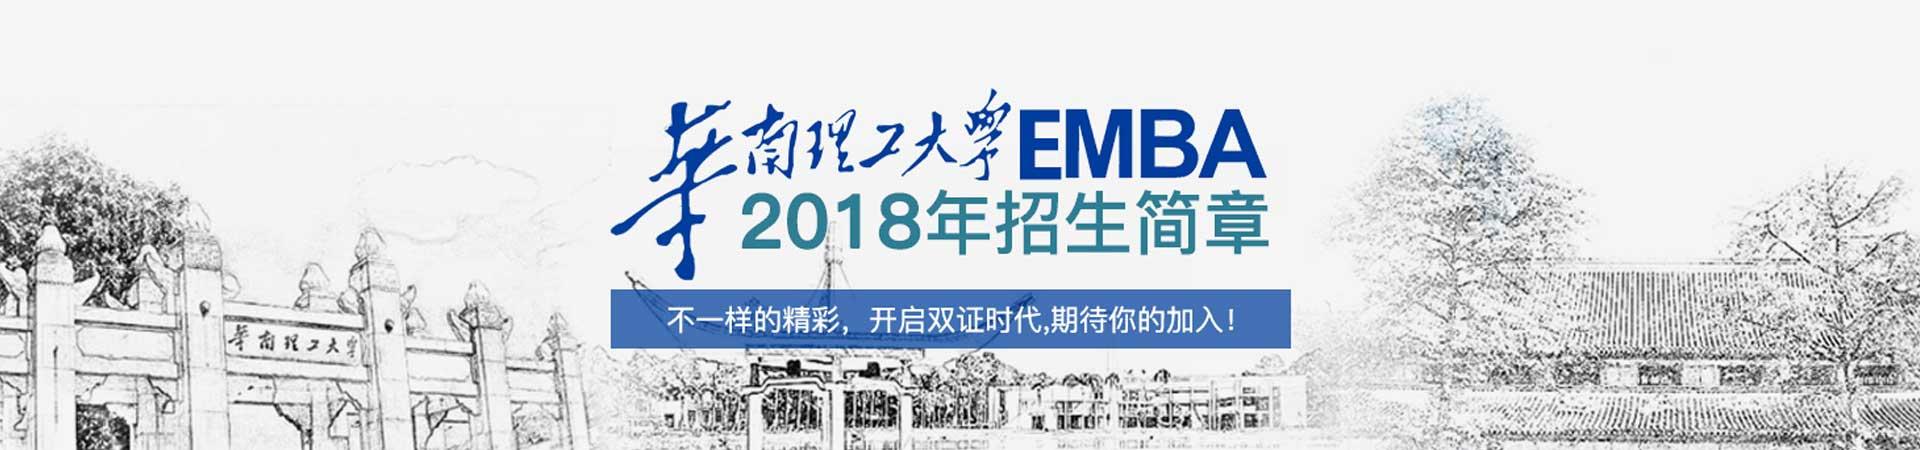 华南理工大学2018EMBA招生简章